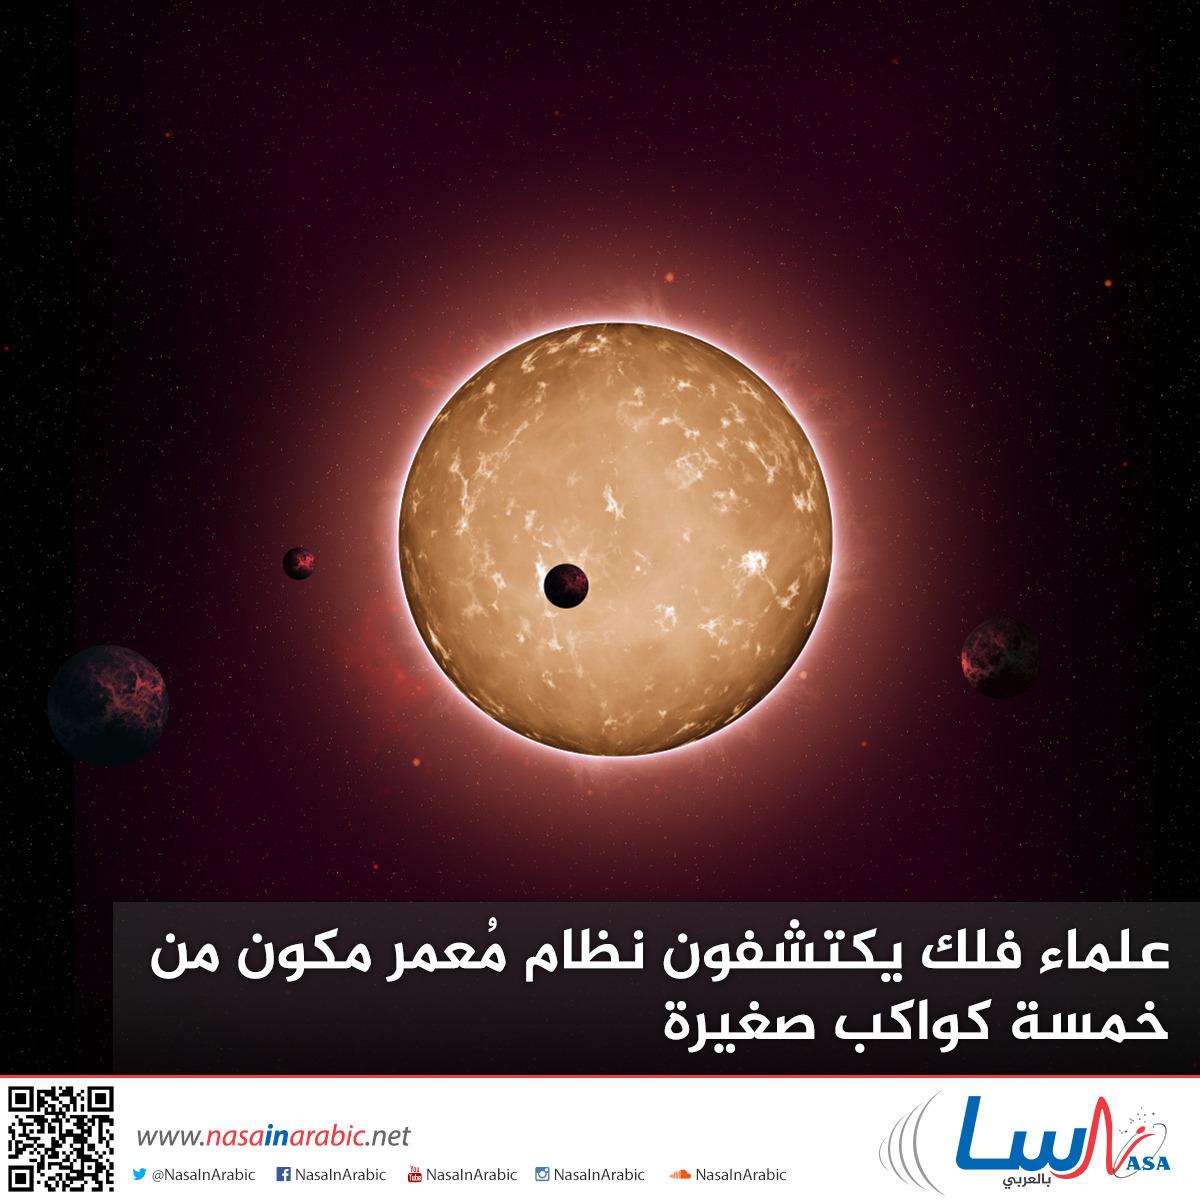 علماء فلك يكتشفون نظام مُعمر مكون من خمسة كواكب صغيرة